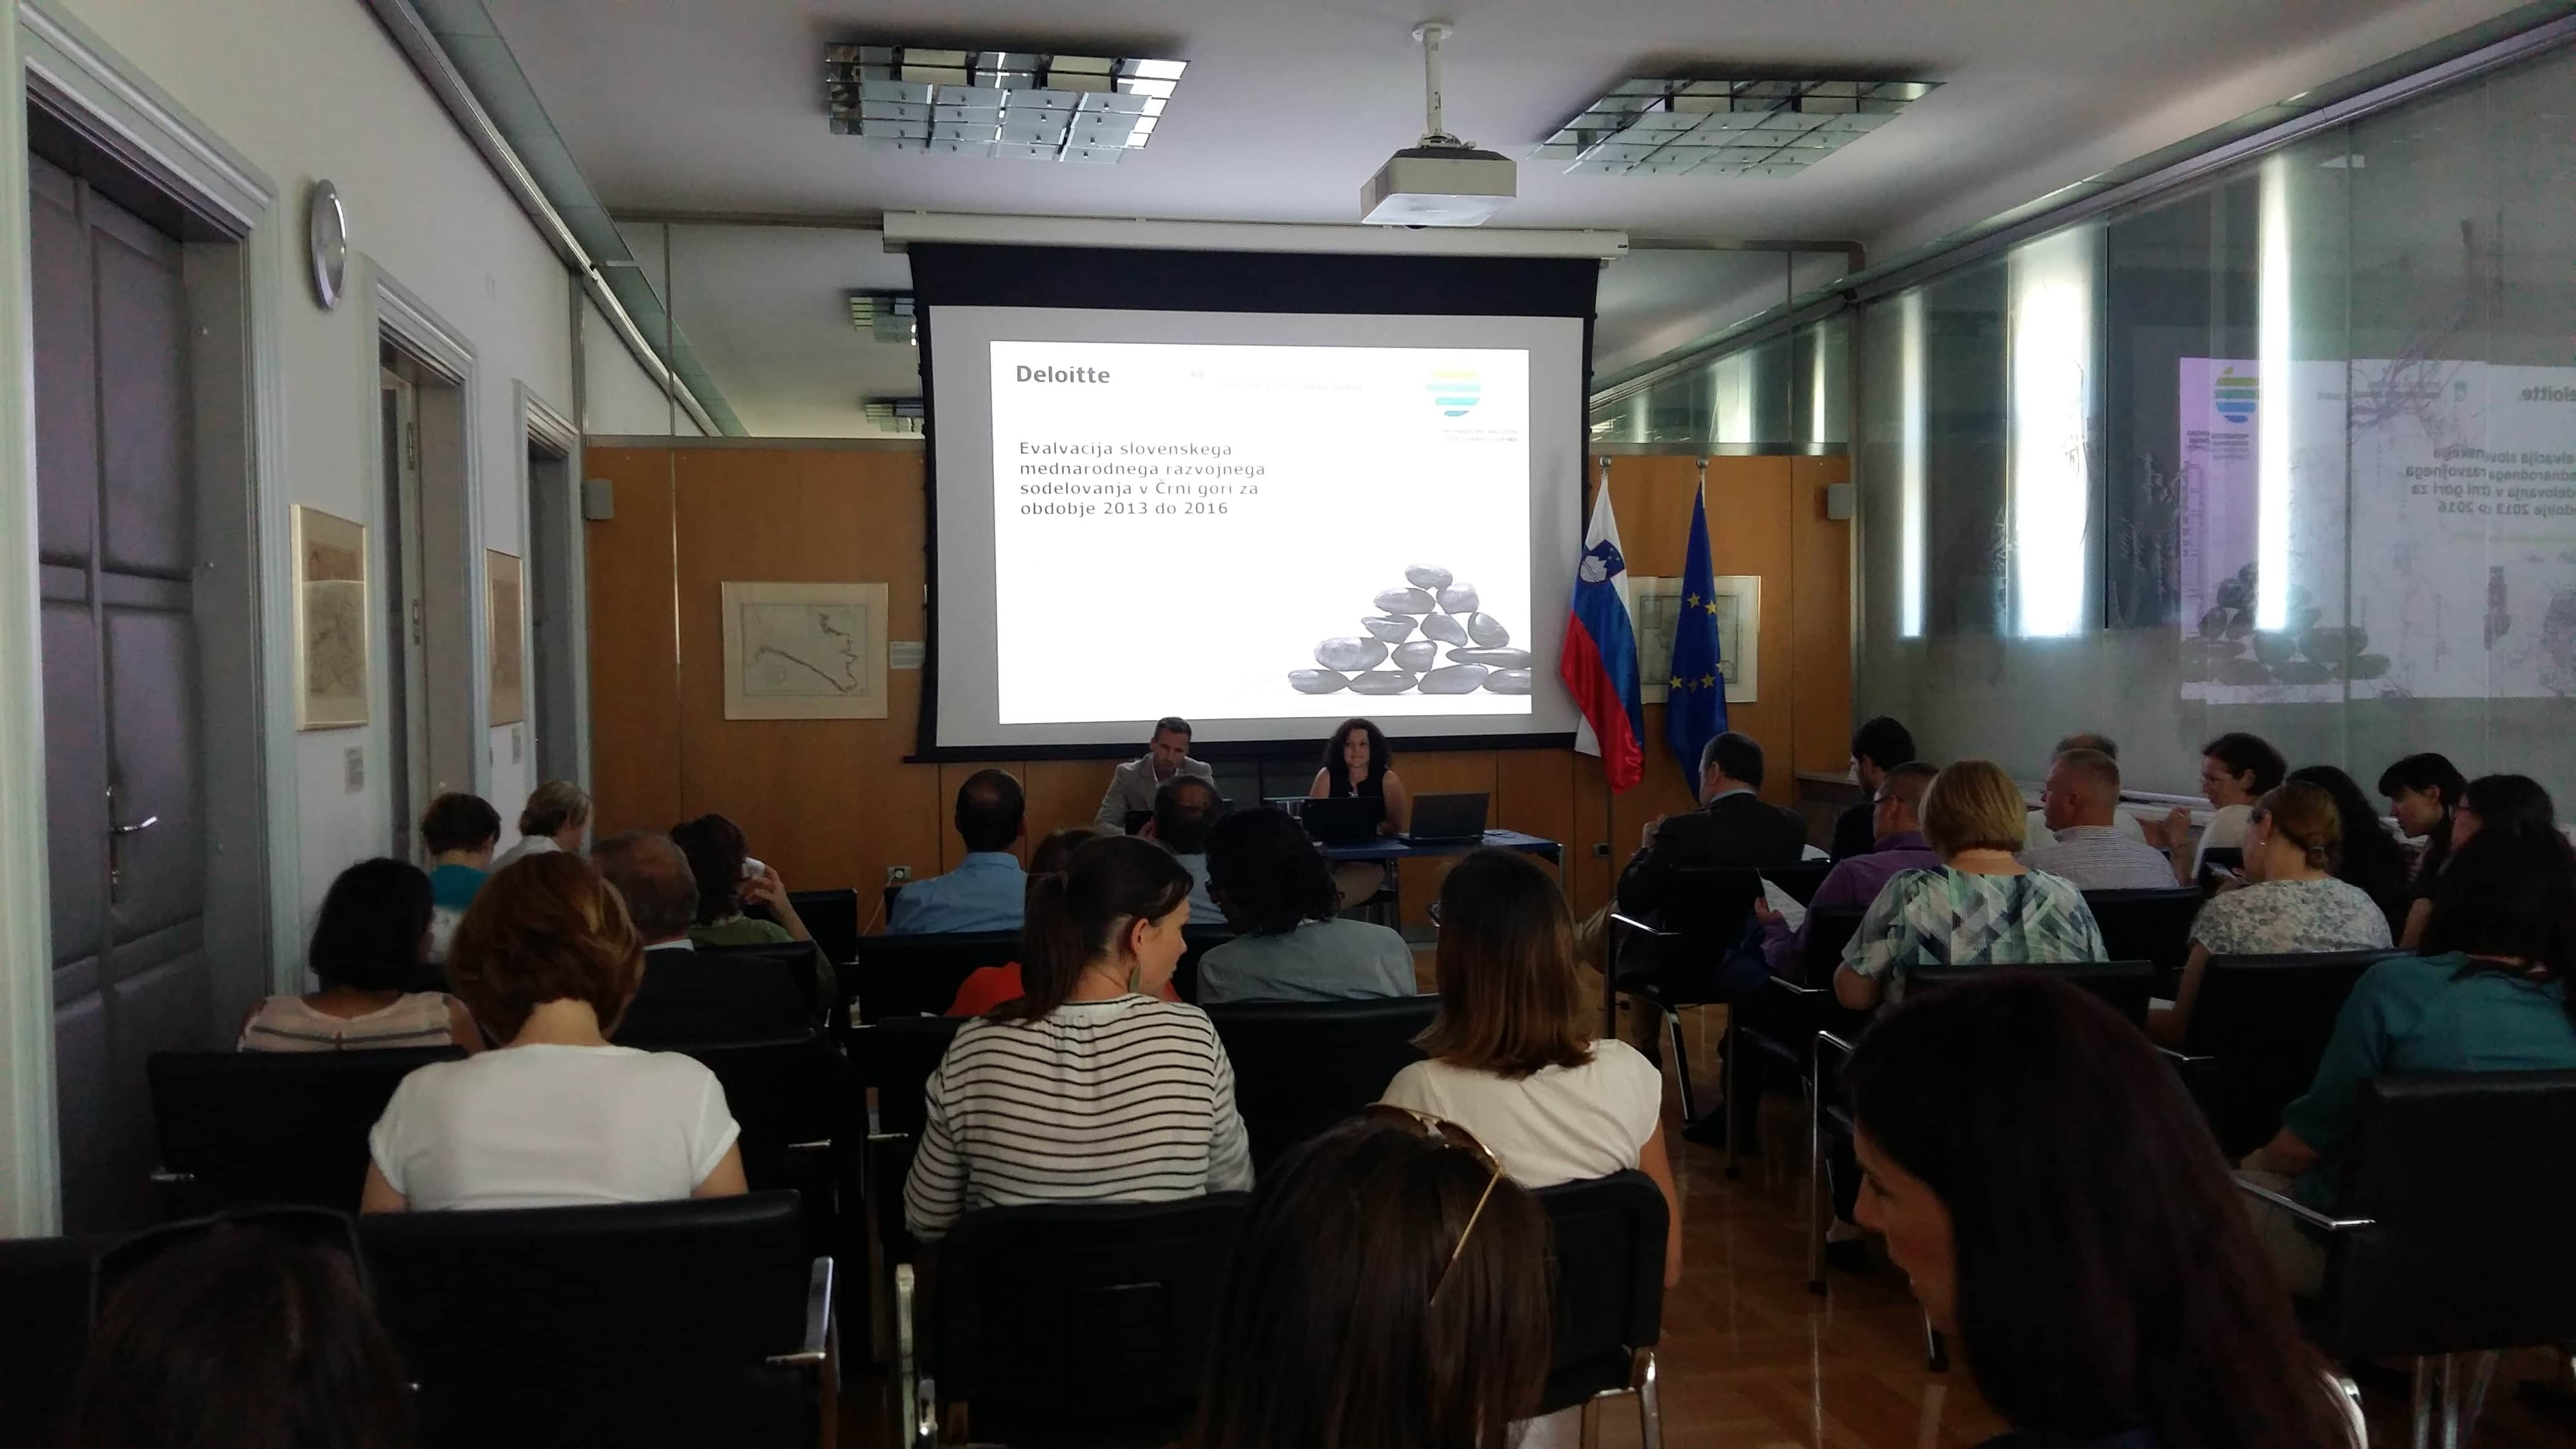 Z evalvacijo korak k izboljšanju učinkovitosti slovenskega razvojnega sodelovanja